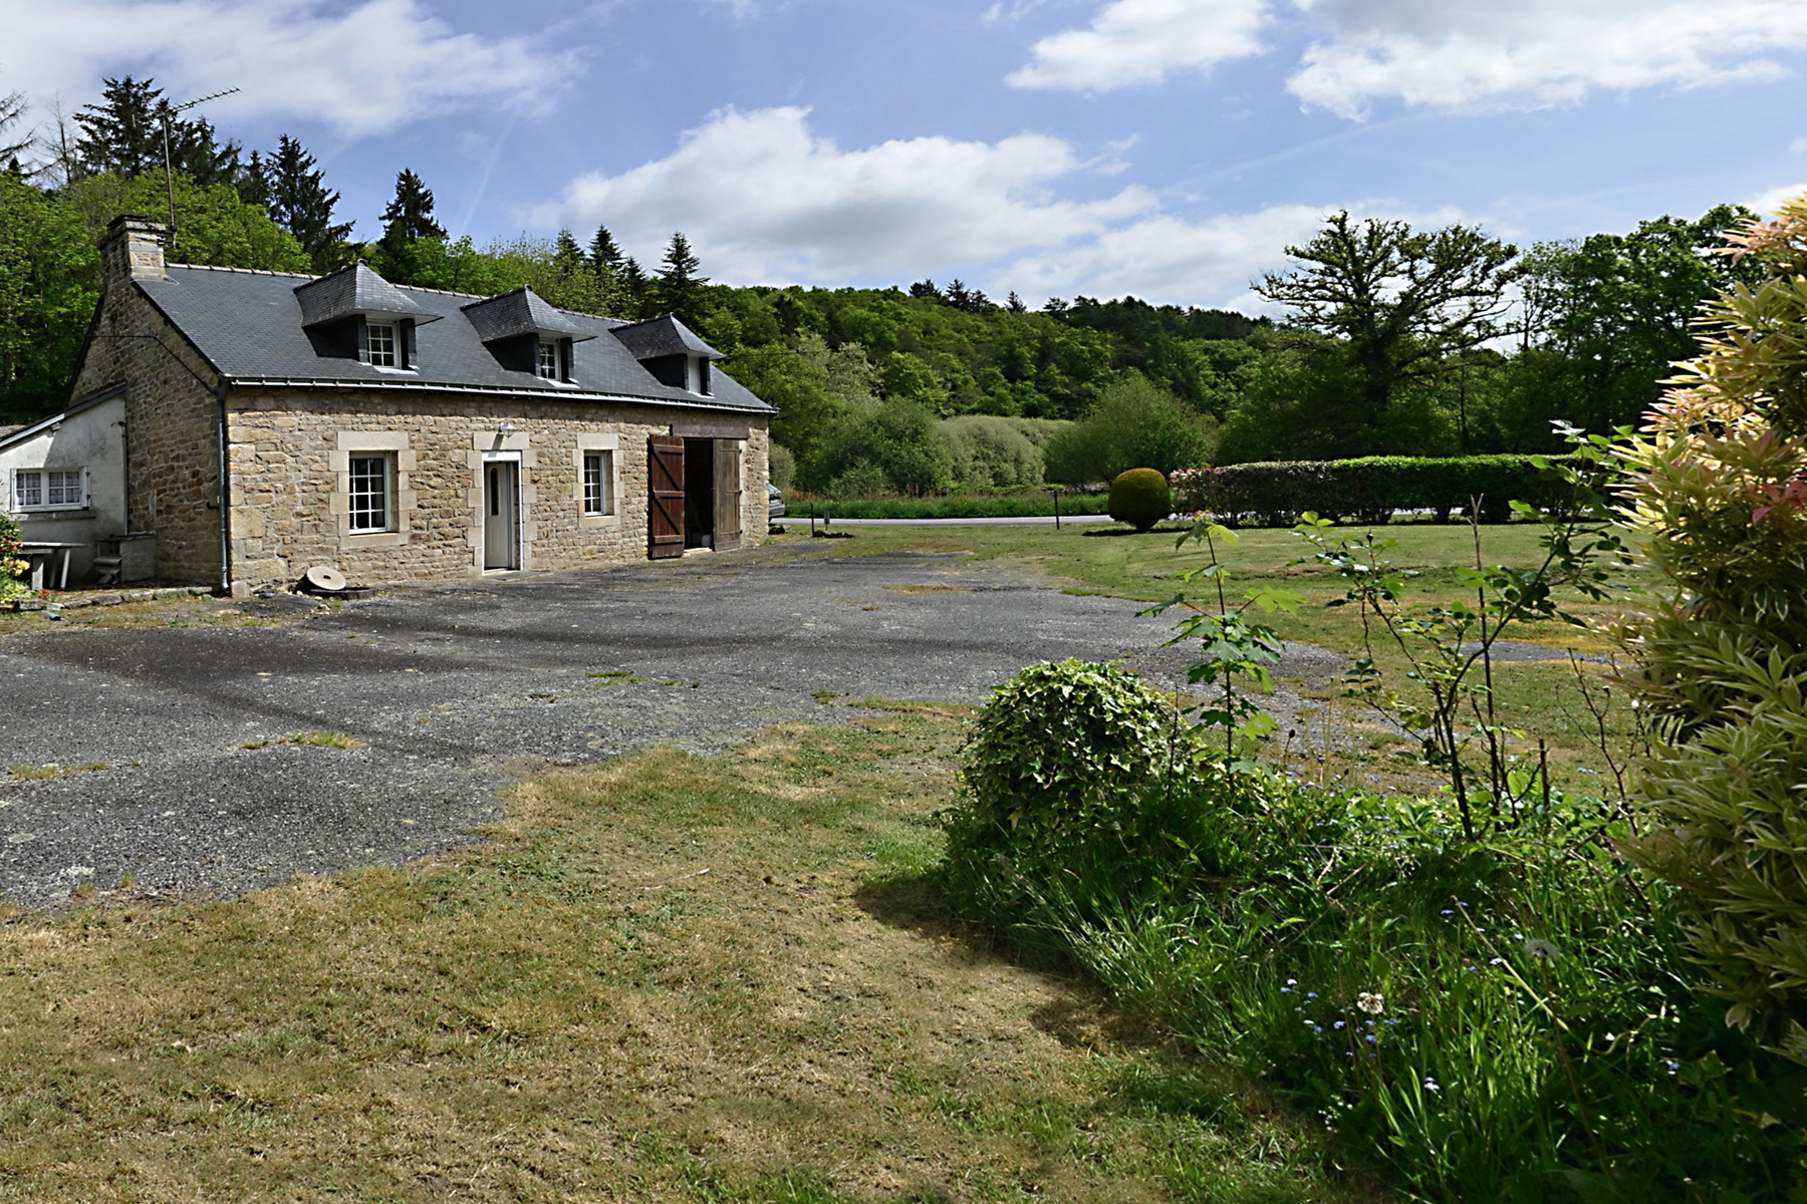 A vendre moulin et sa maison campagne morbihannaise moulin for Acheter une maison de campagne